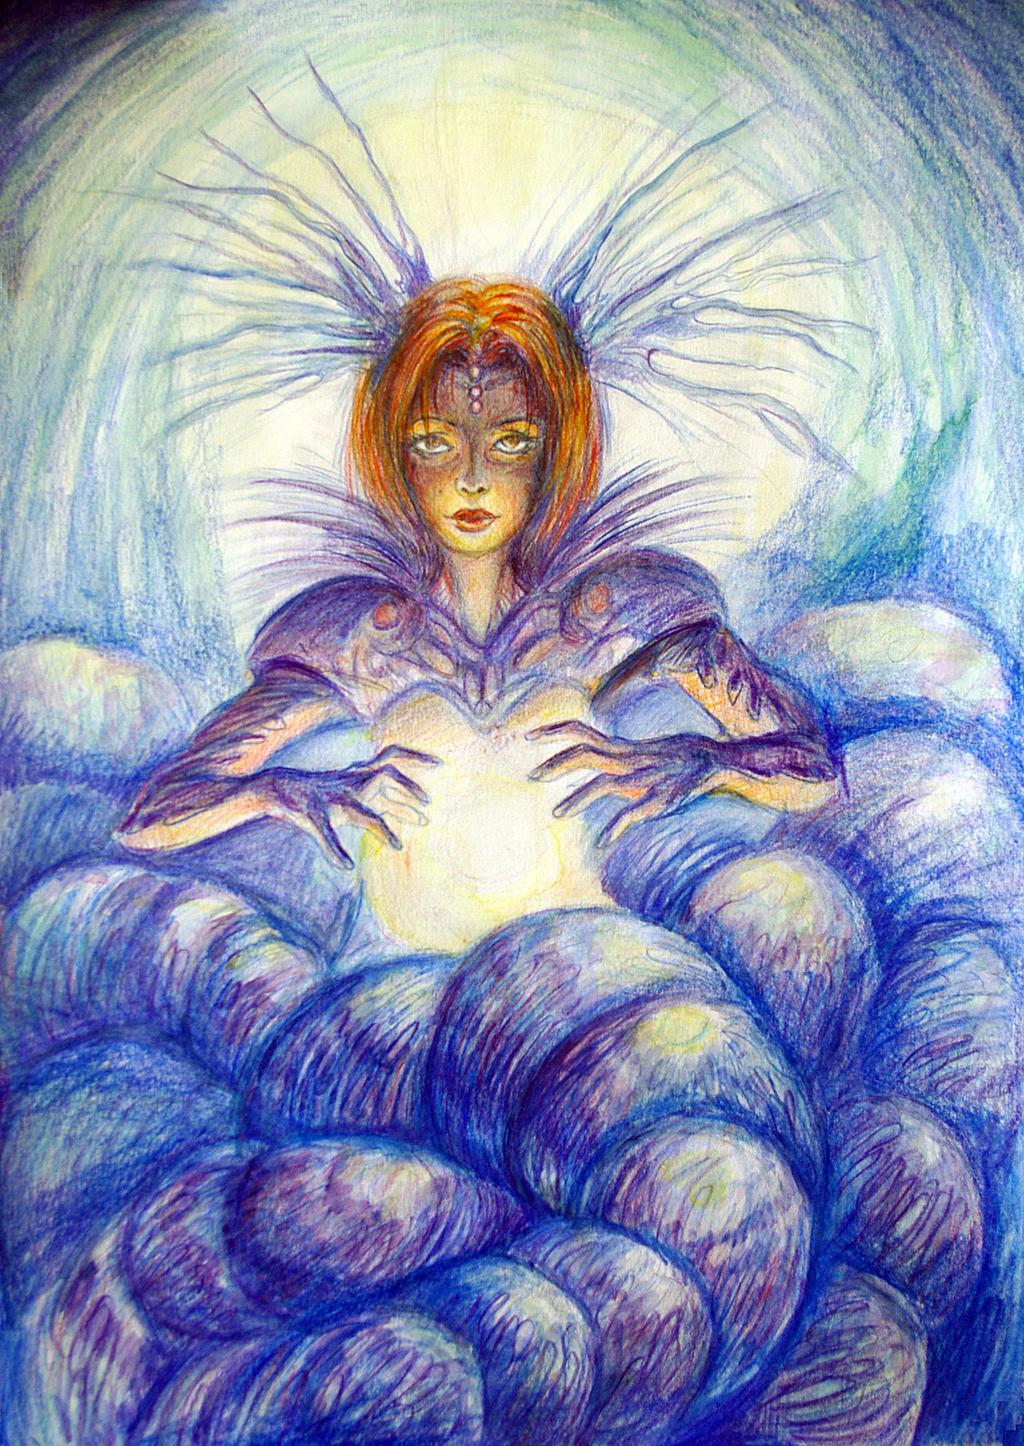 Queen of deep ocean by renata-studio